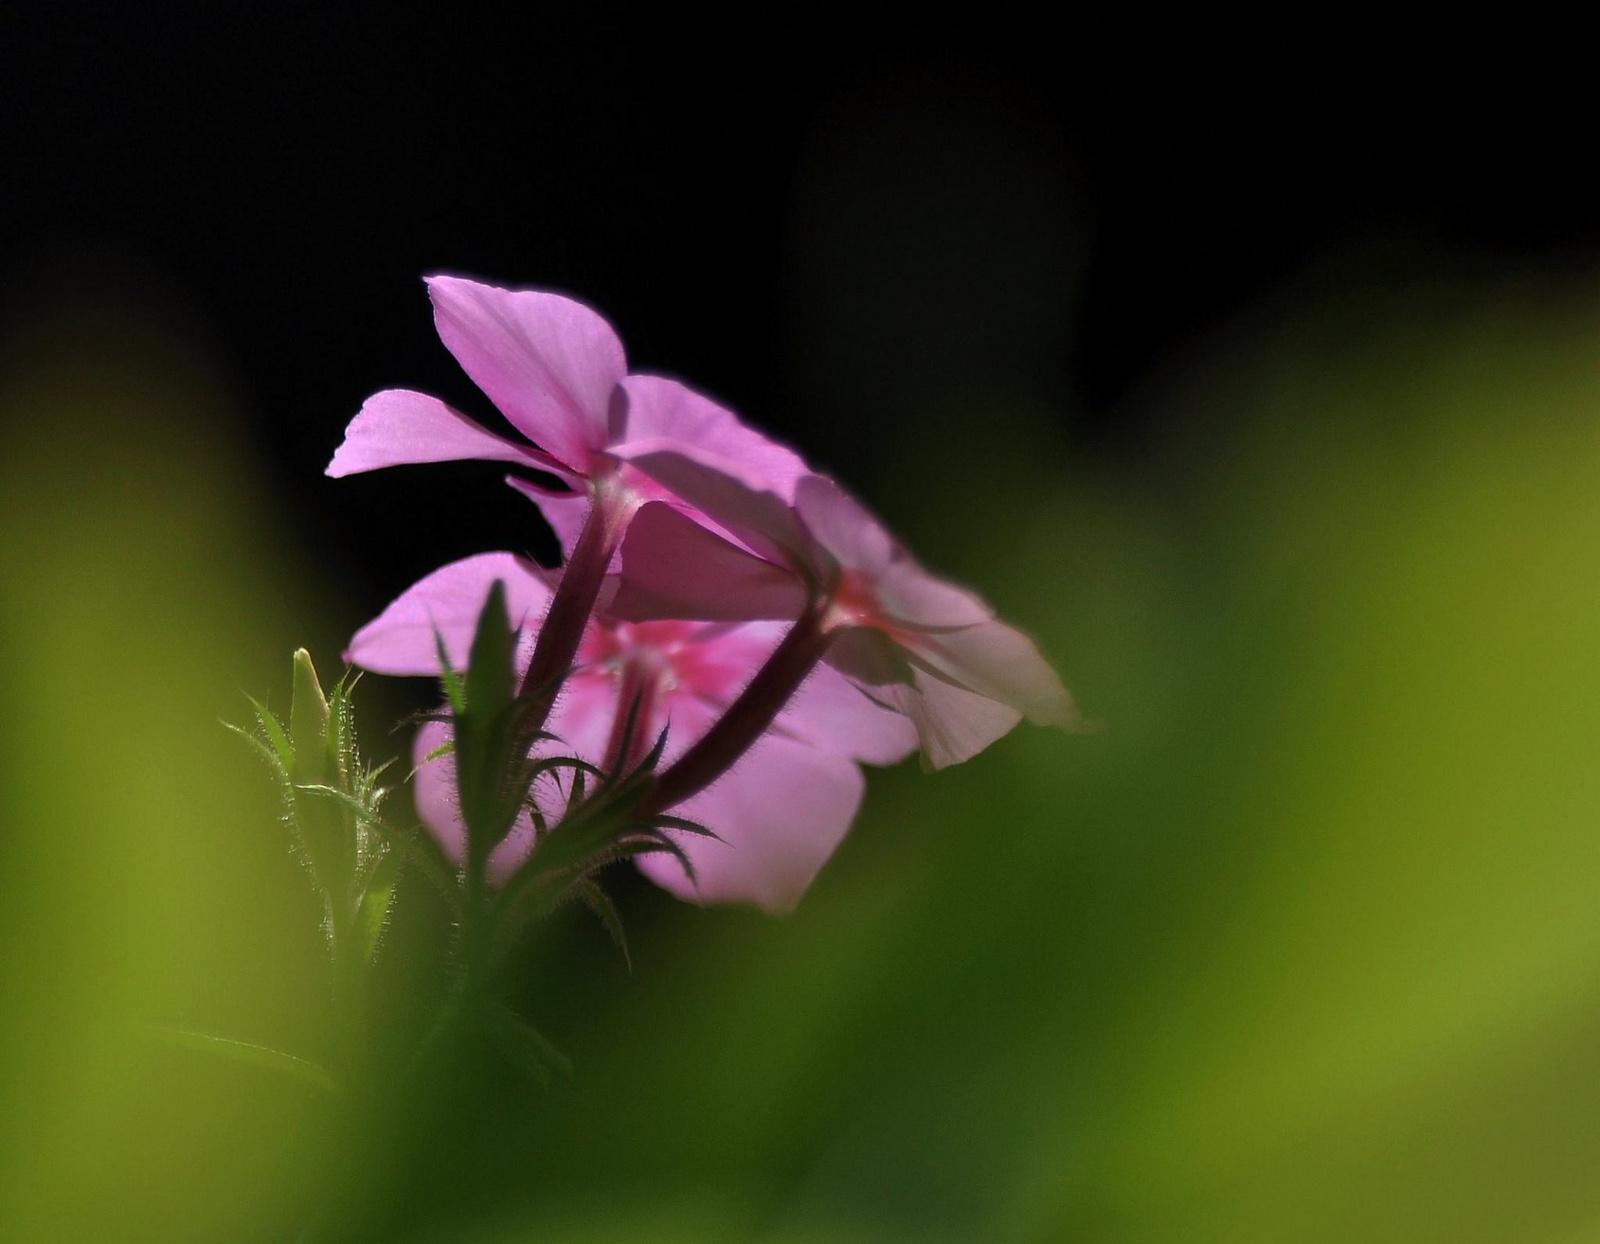 Kicsi virág